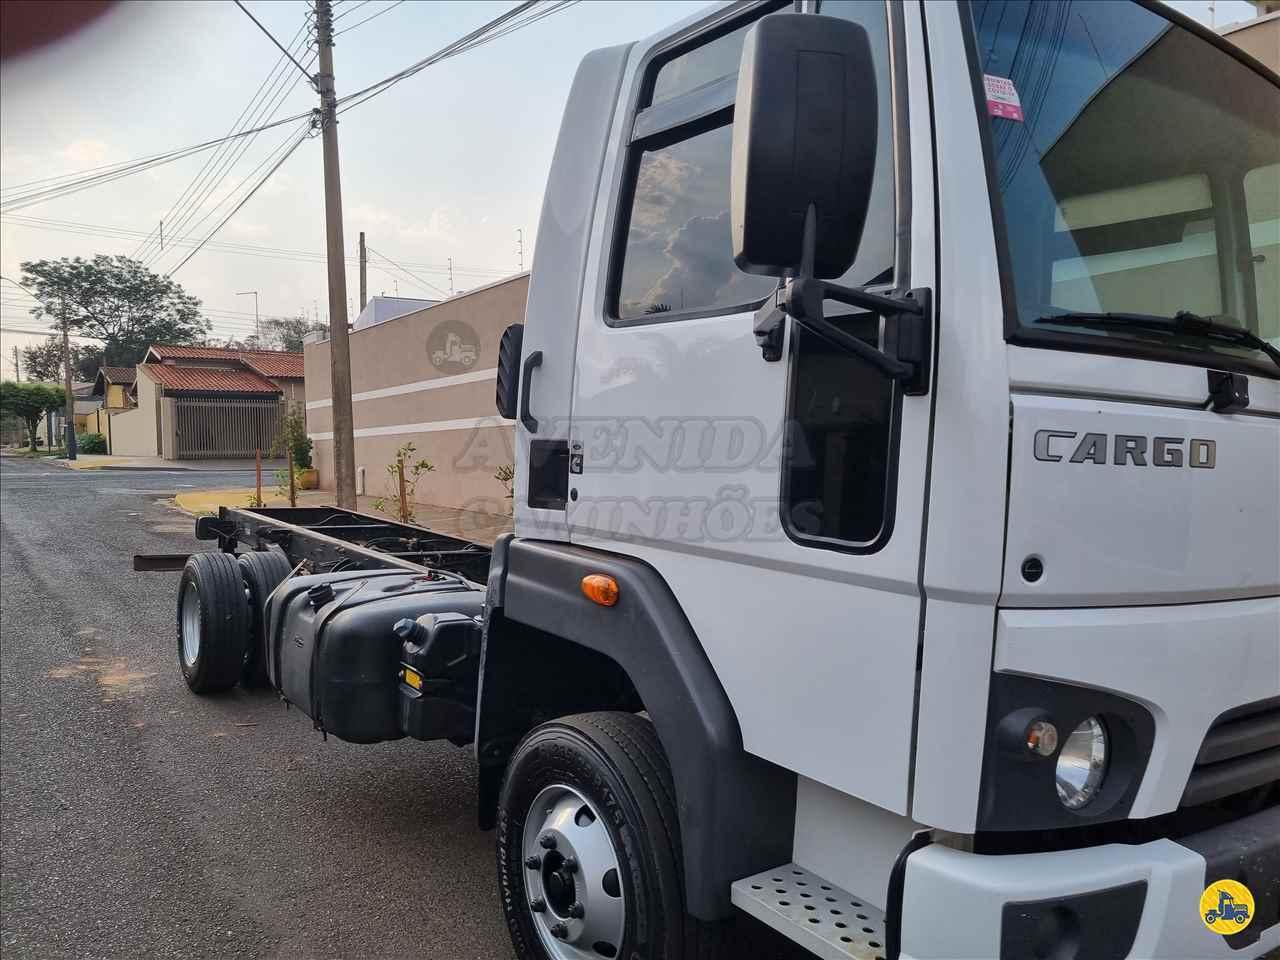 CAMINHAO FORD CARGO 1119 Chassis 3/4 4x2 Avenida Caminhões BRODOWSKI SÃO PAULO SP